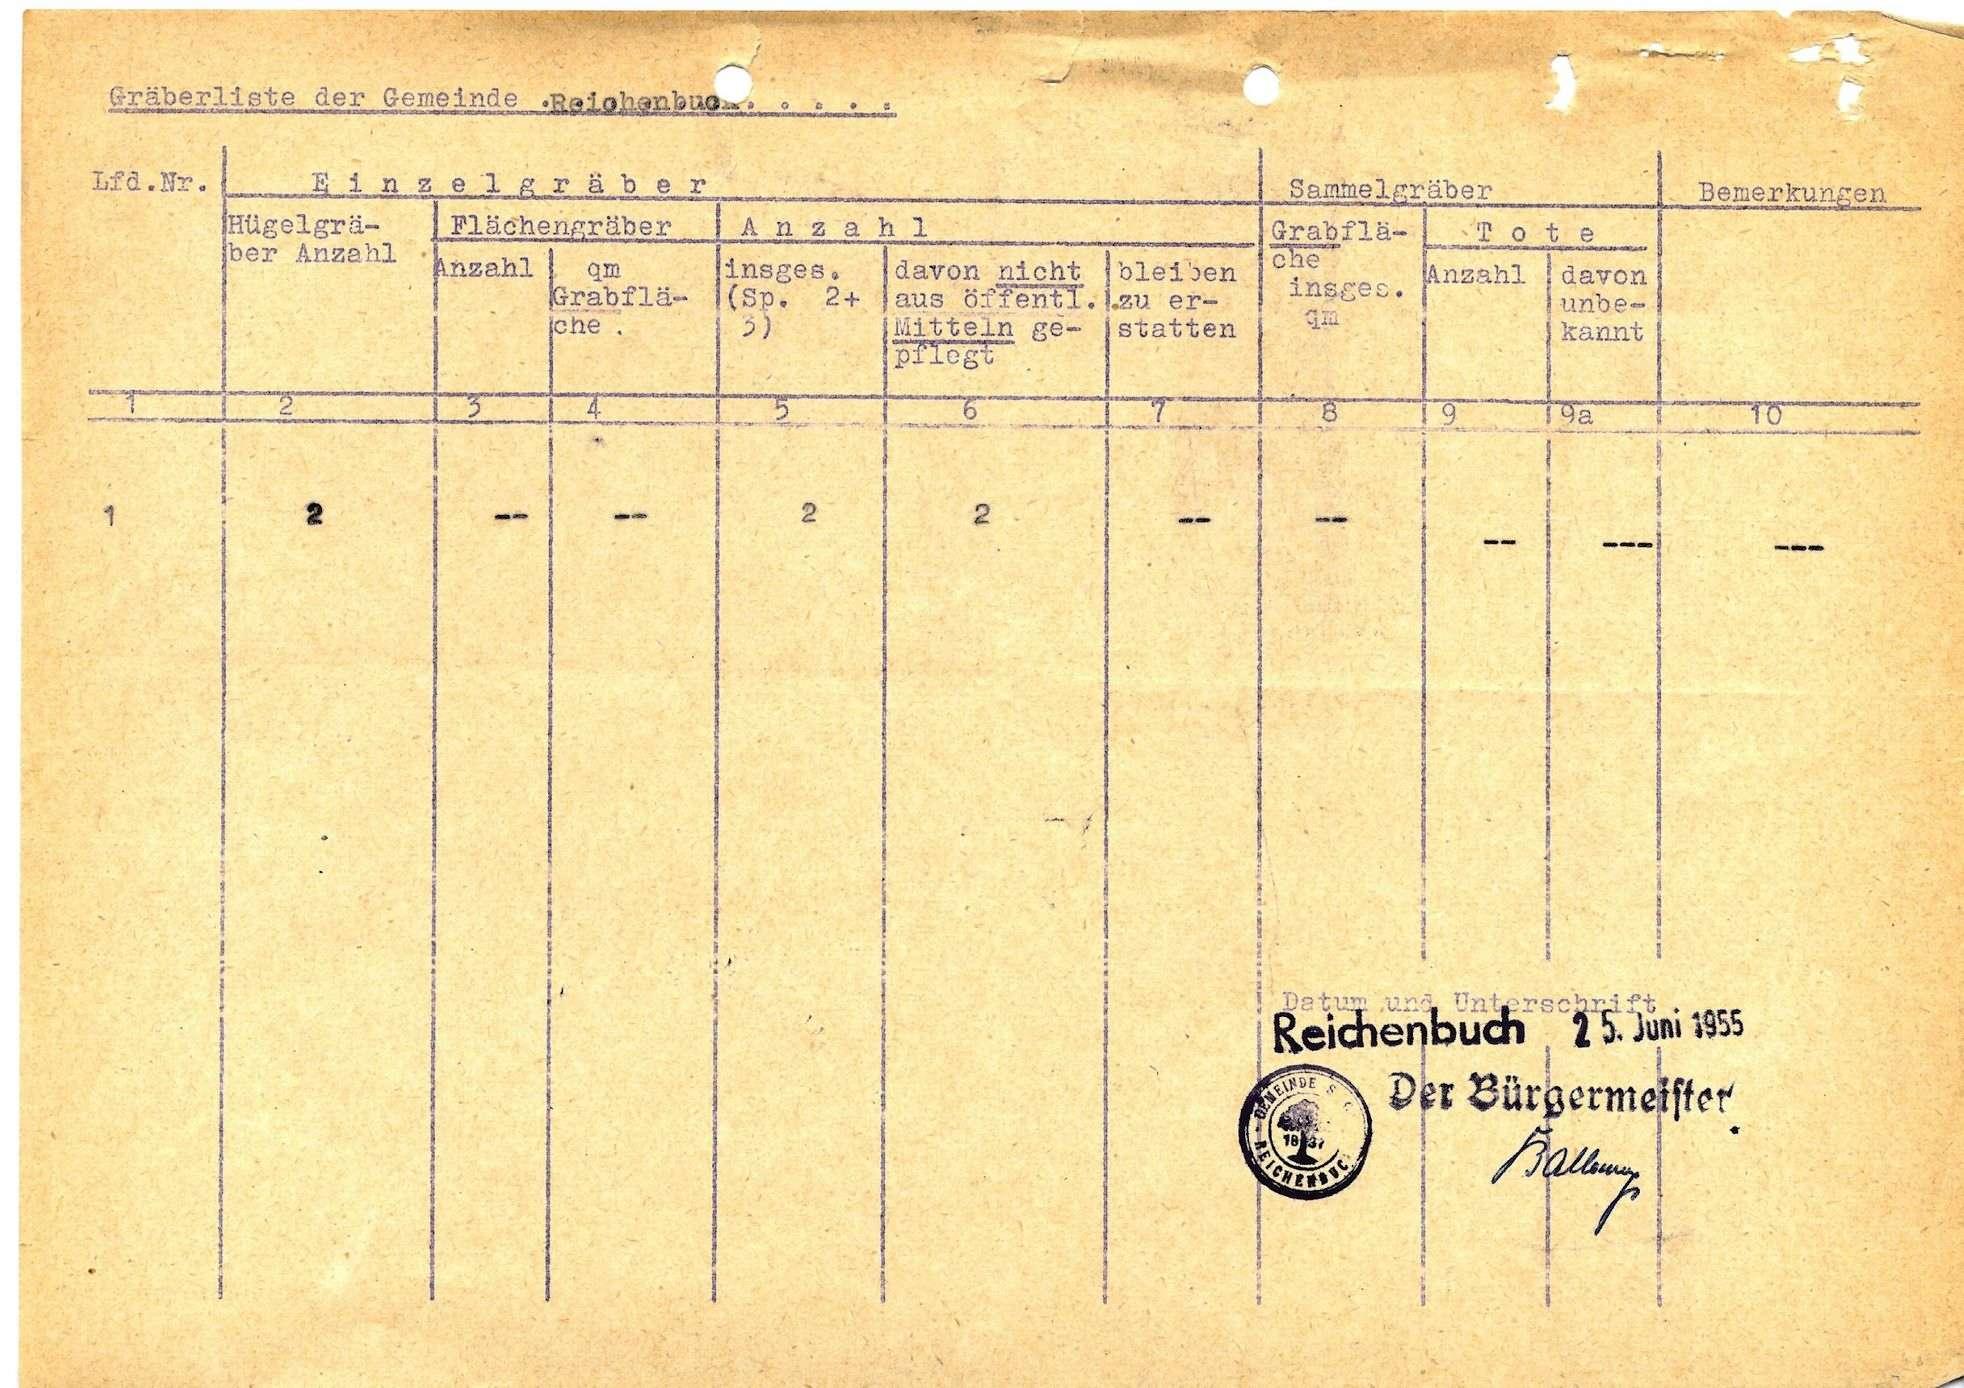 Reichenbuch, Bild 2